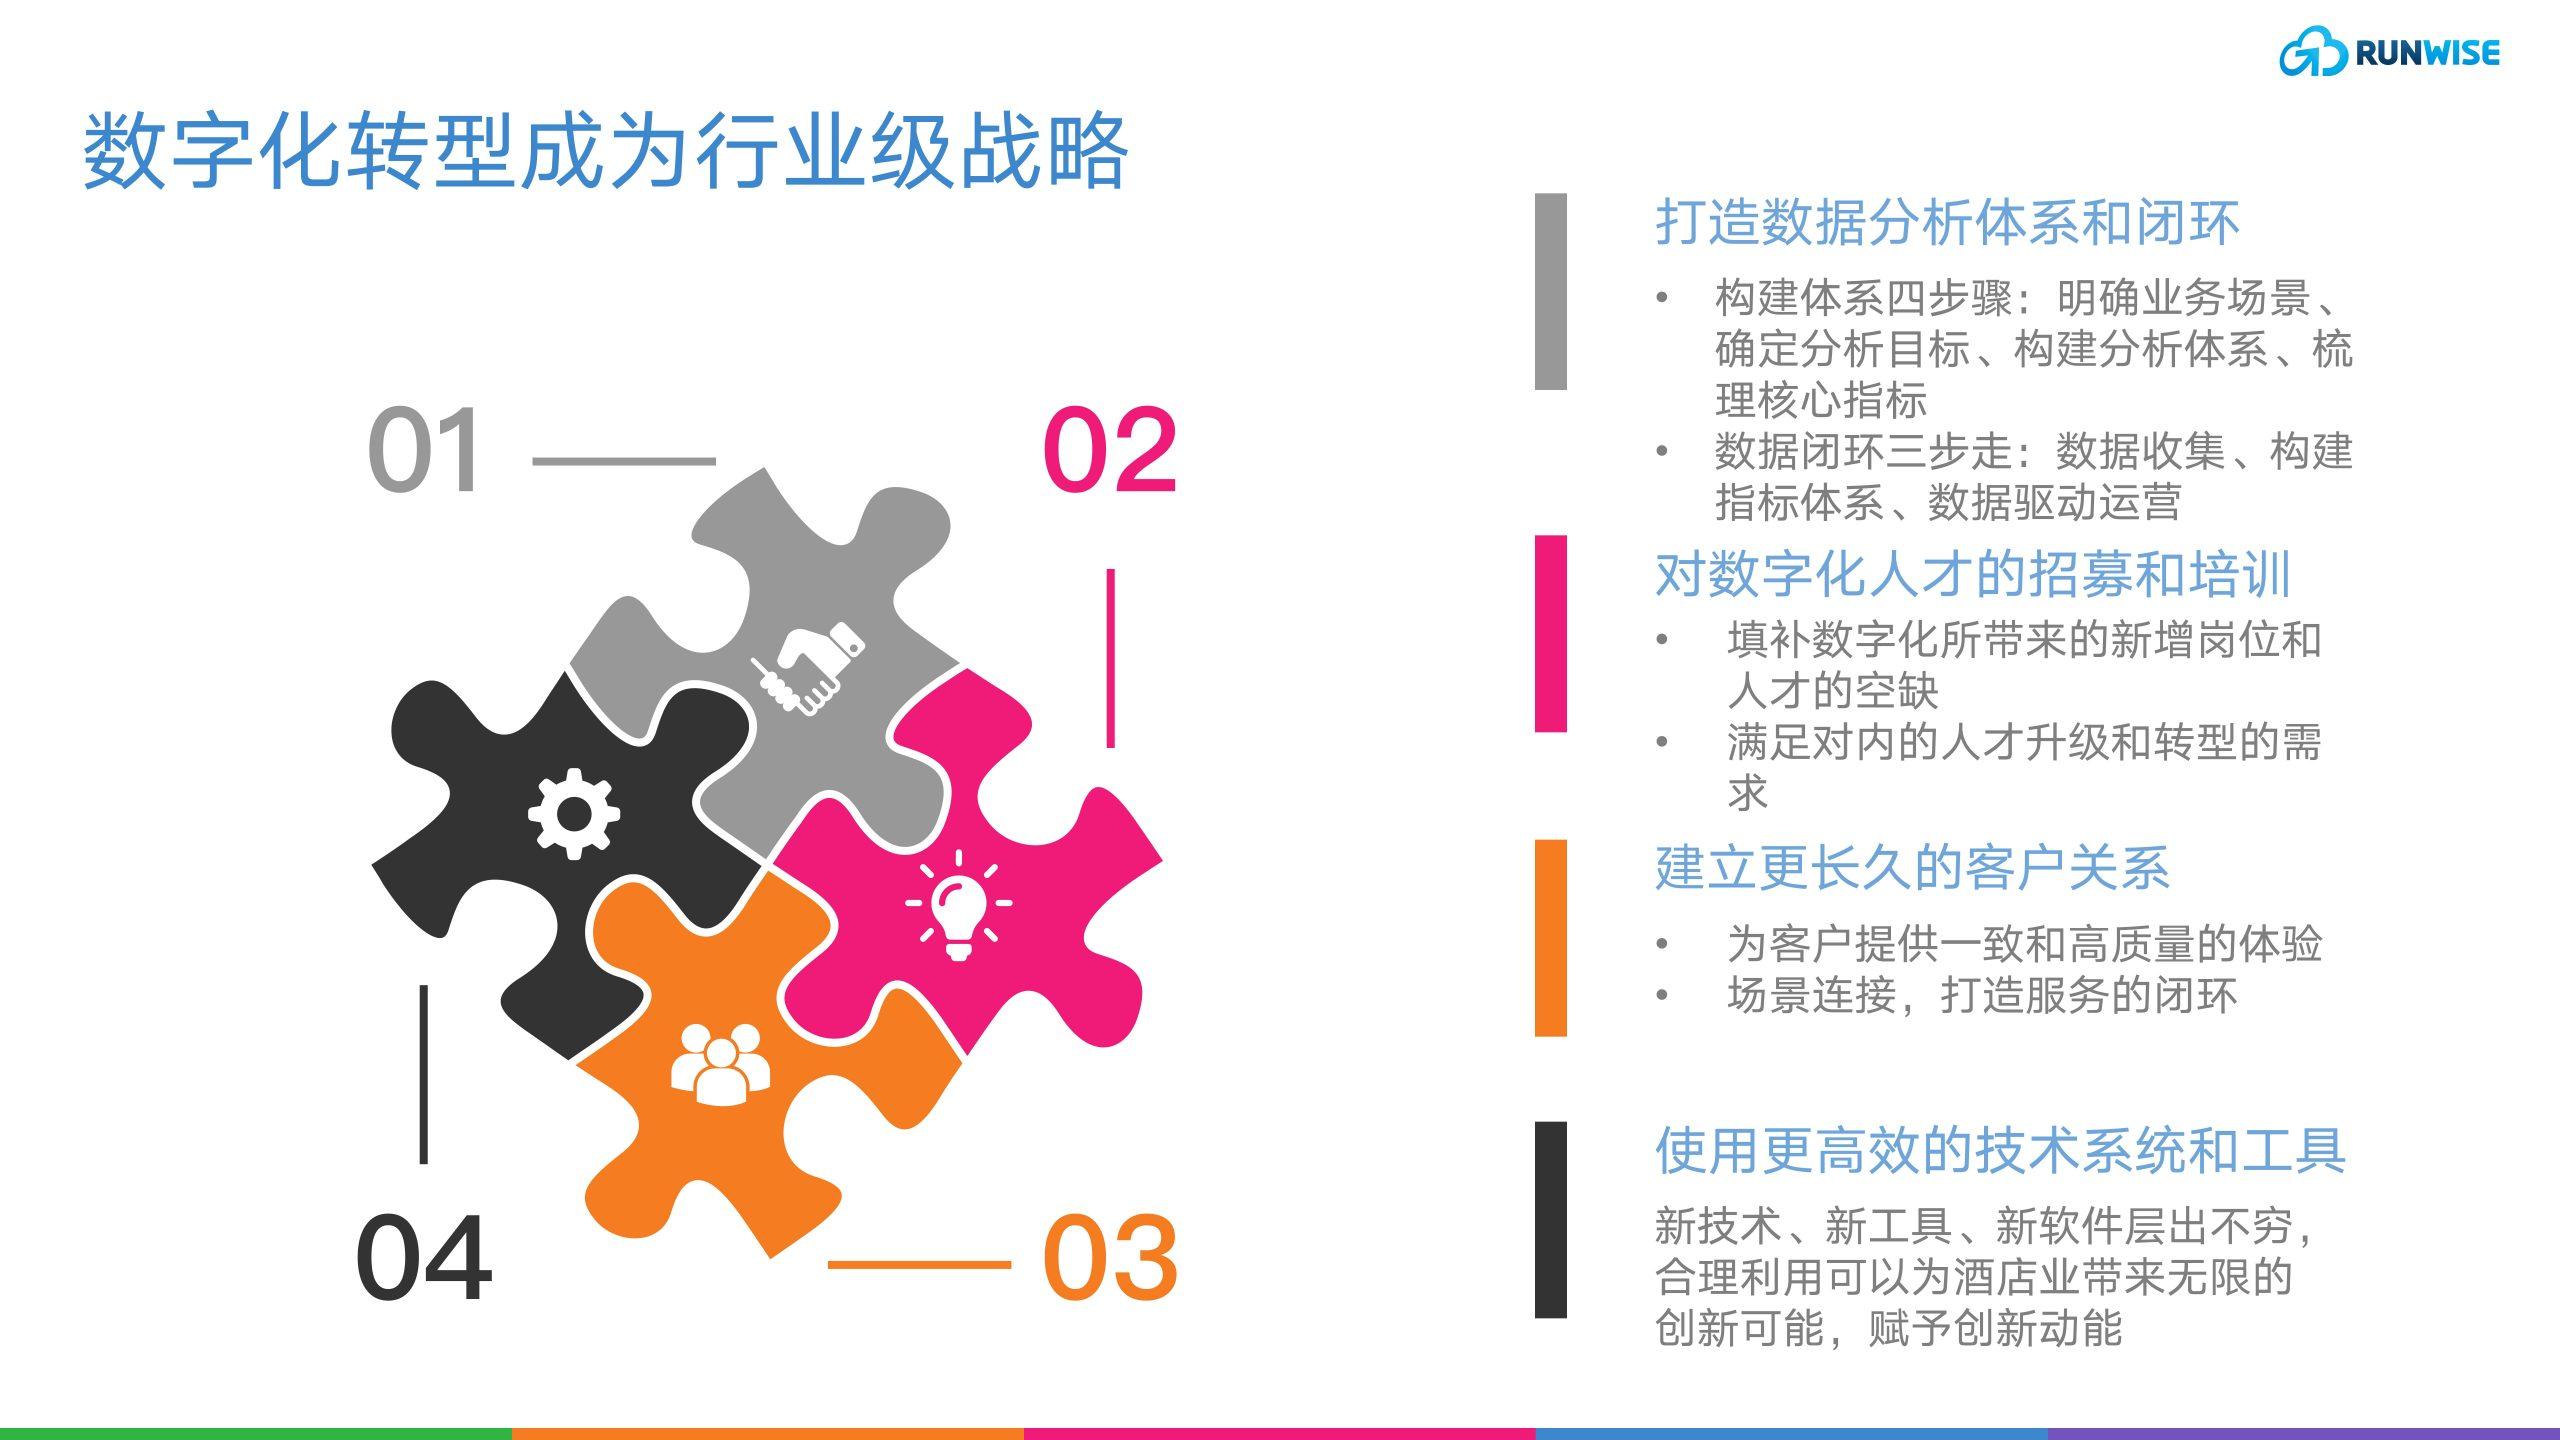 数字化转型成为行业级战略